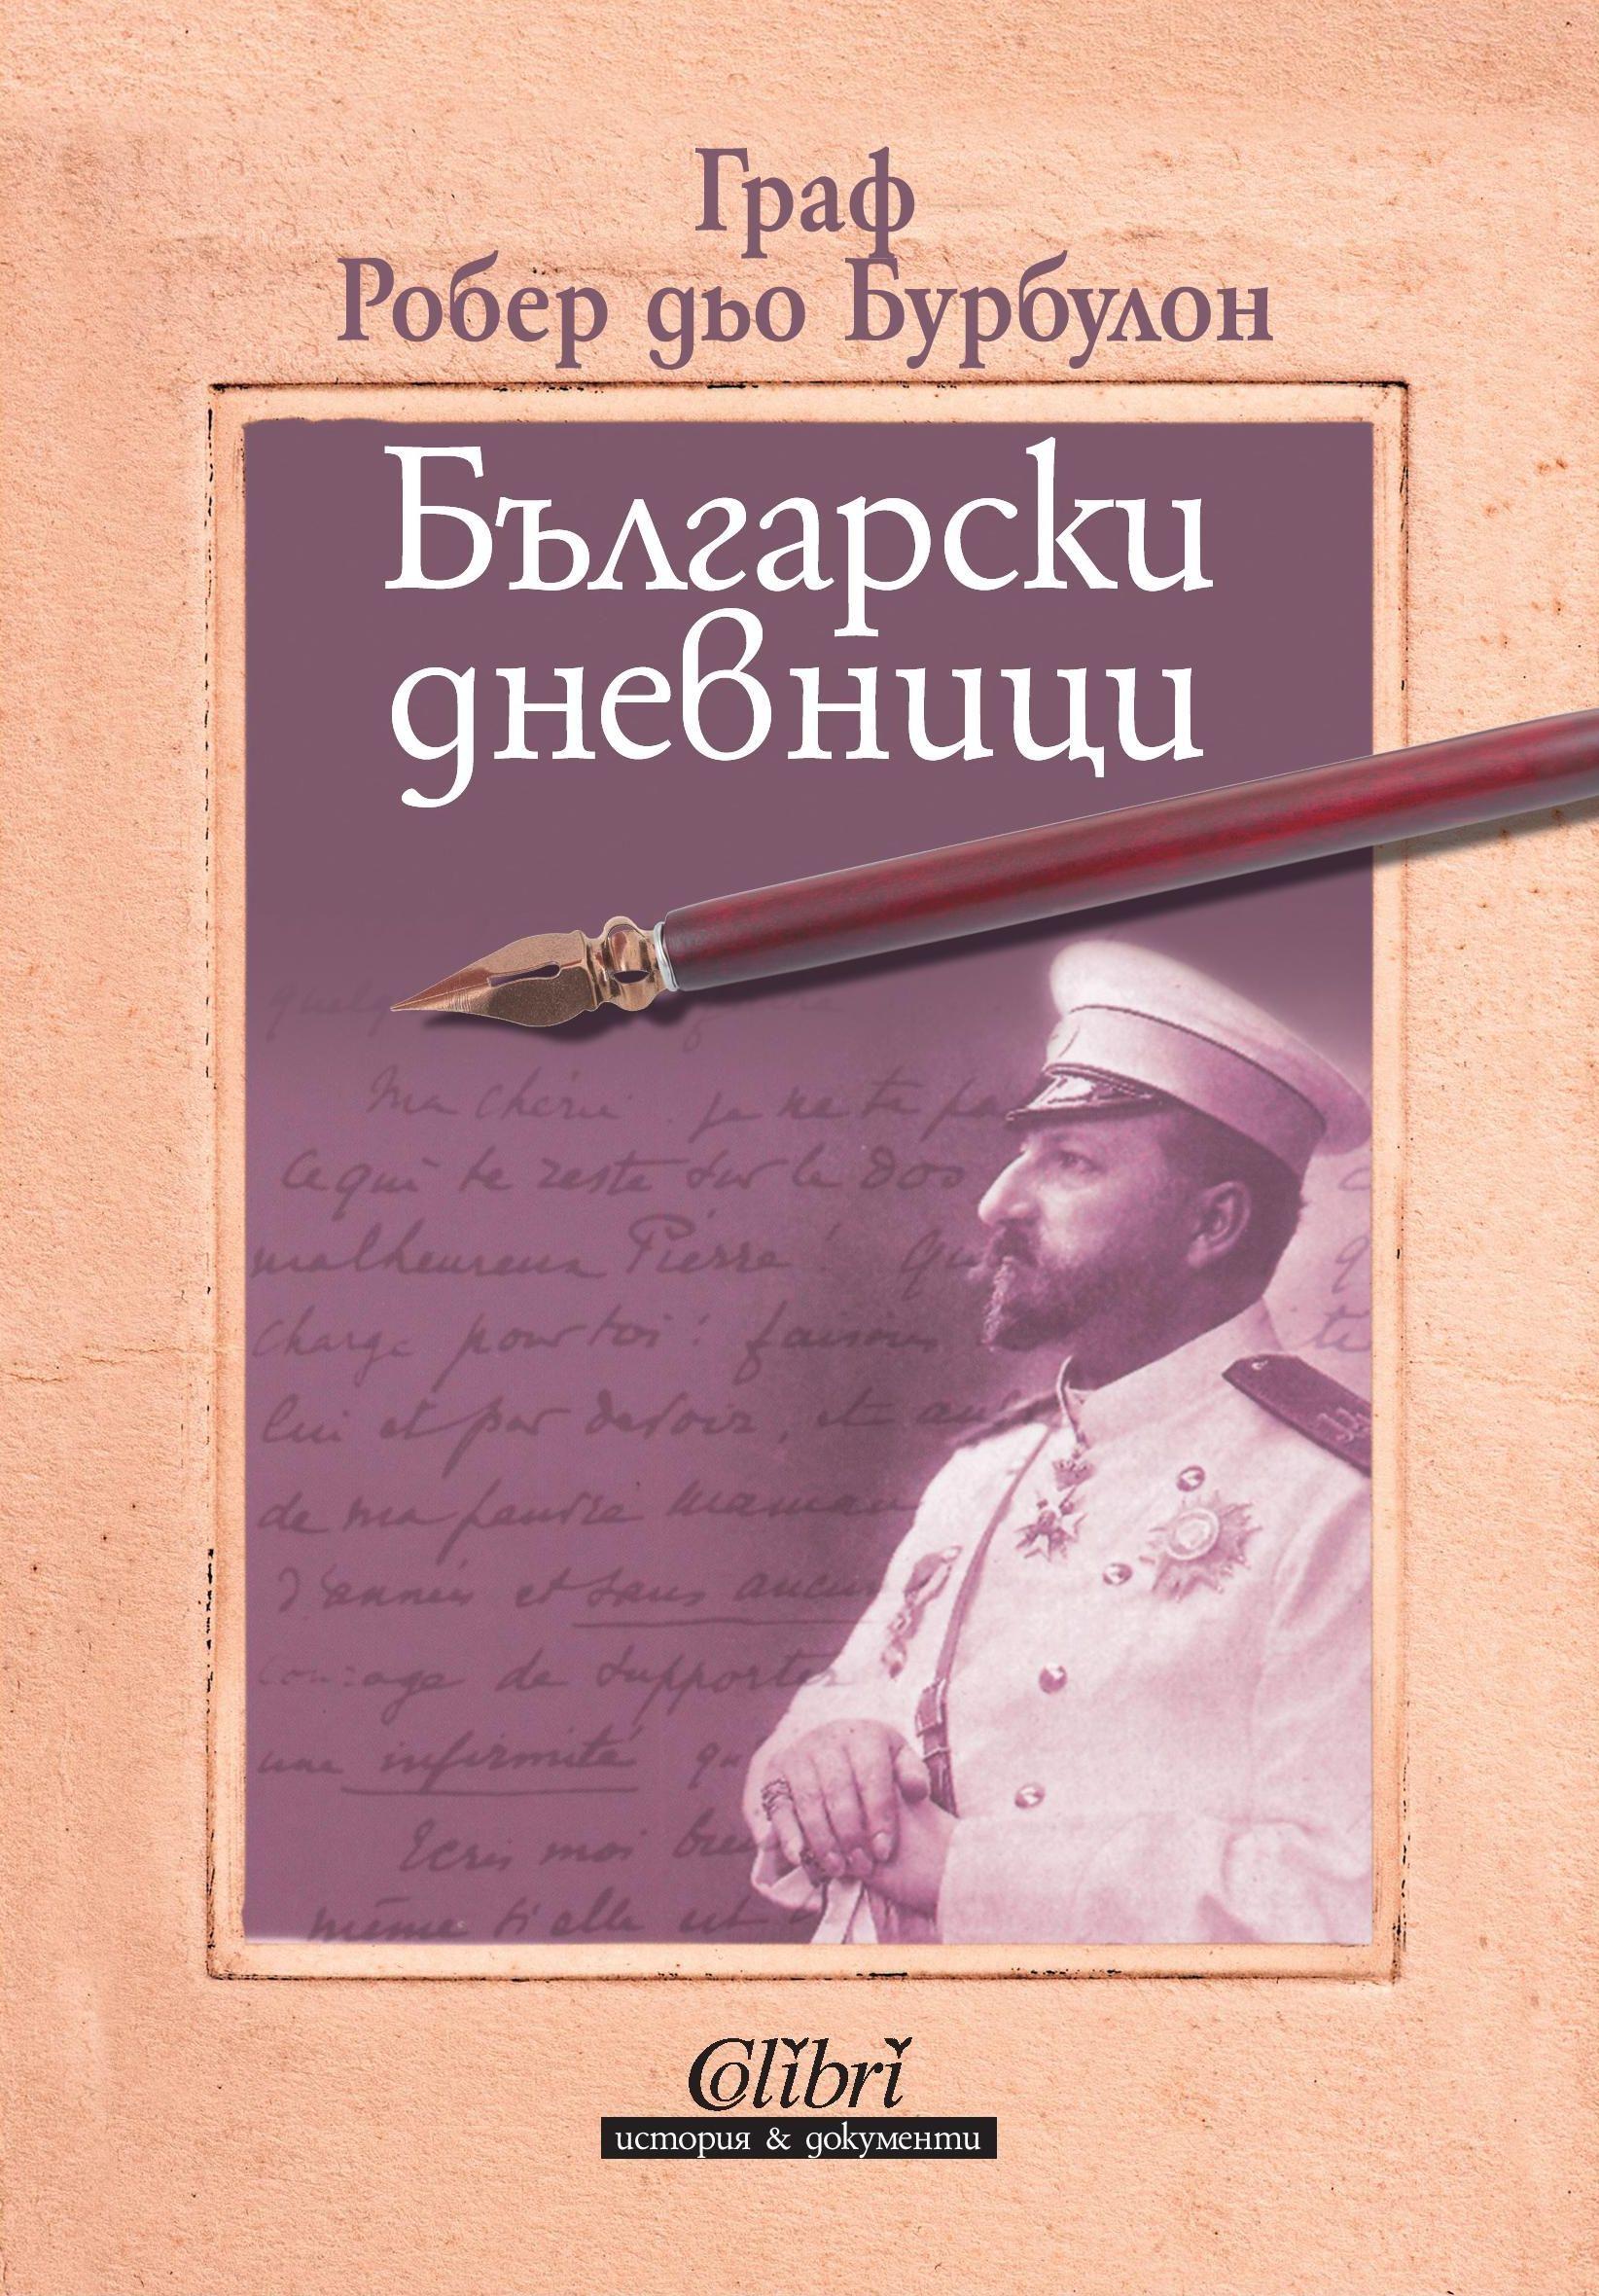 Български дневници - 1